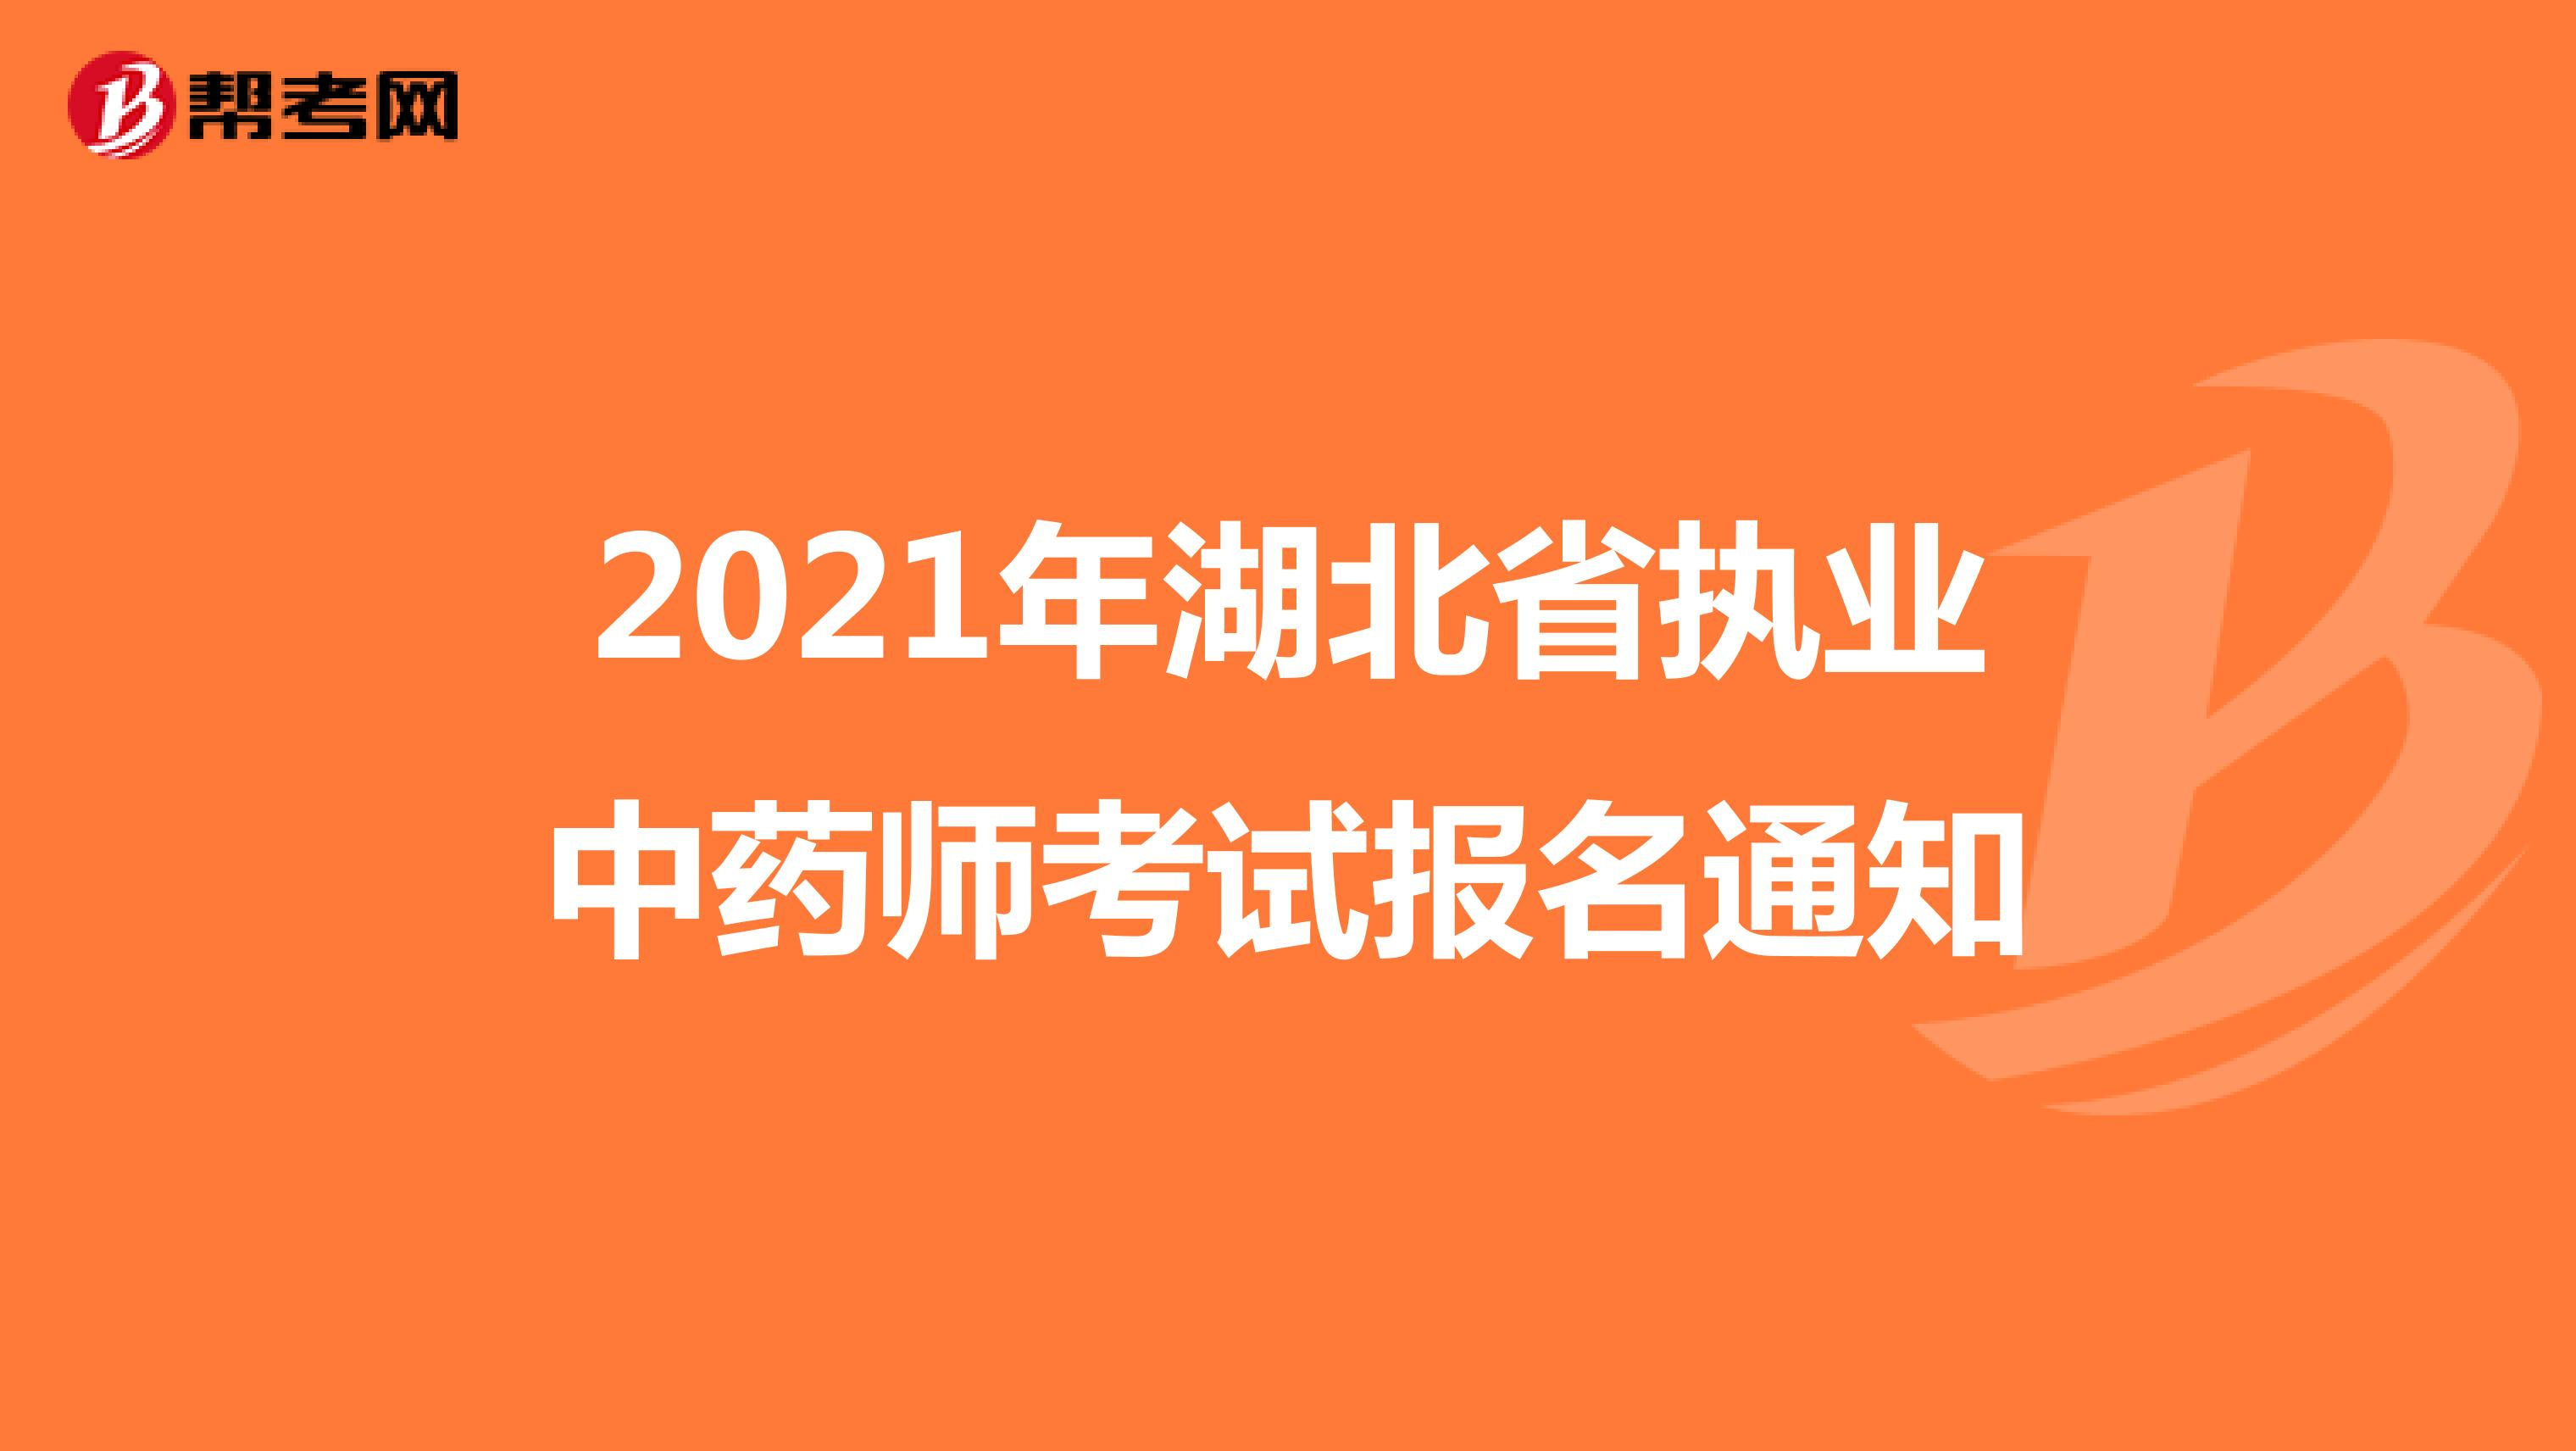 2021年湖北省执业中药师考试报名通知